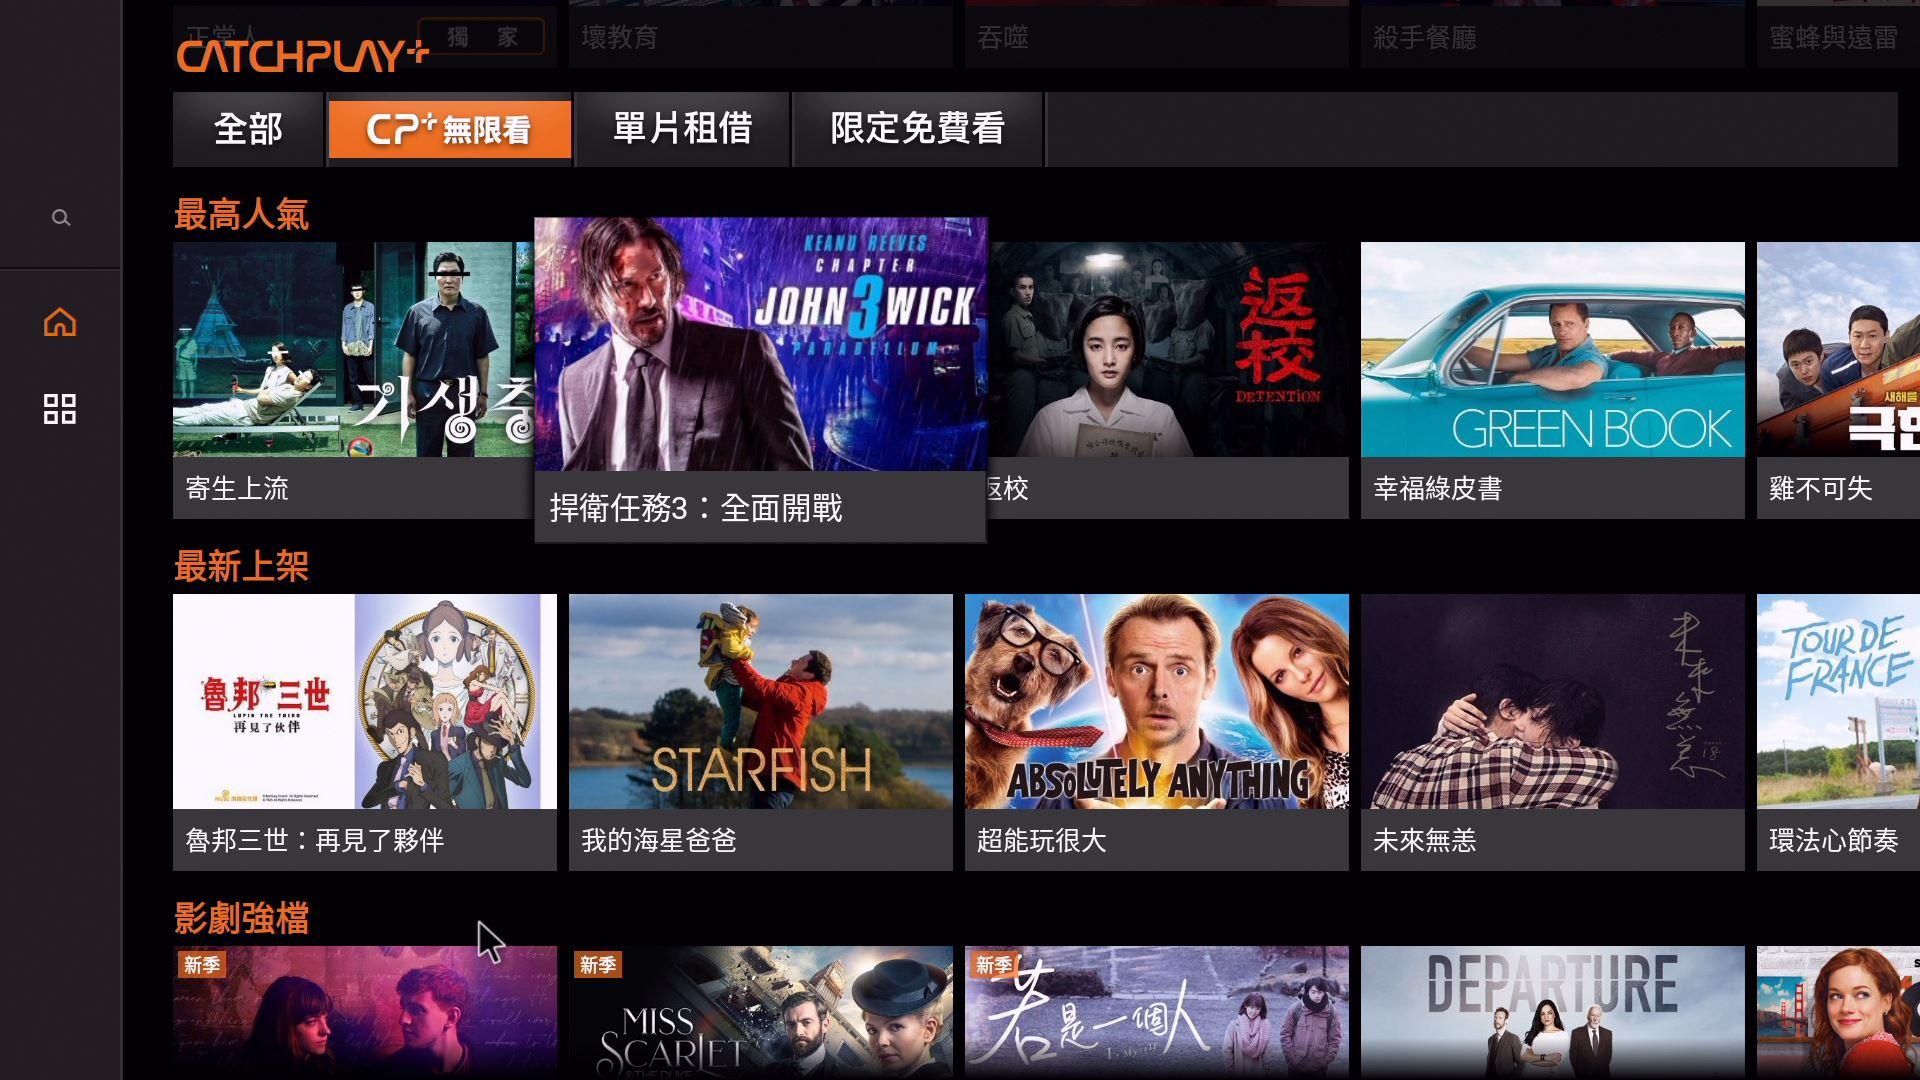 雷爵RockTek G1 4K HDR電視盒-無痛升級Google授權Android TV系統,語音助理免動手 - 85